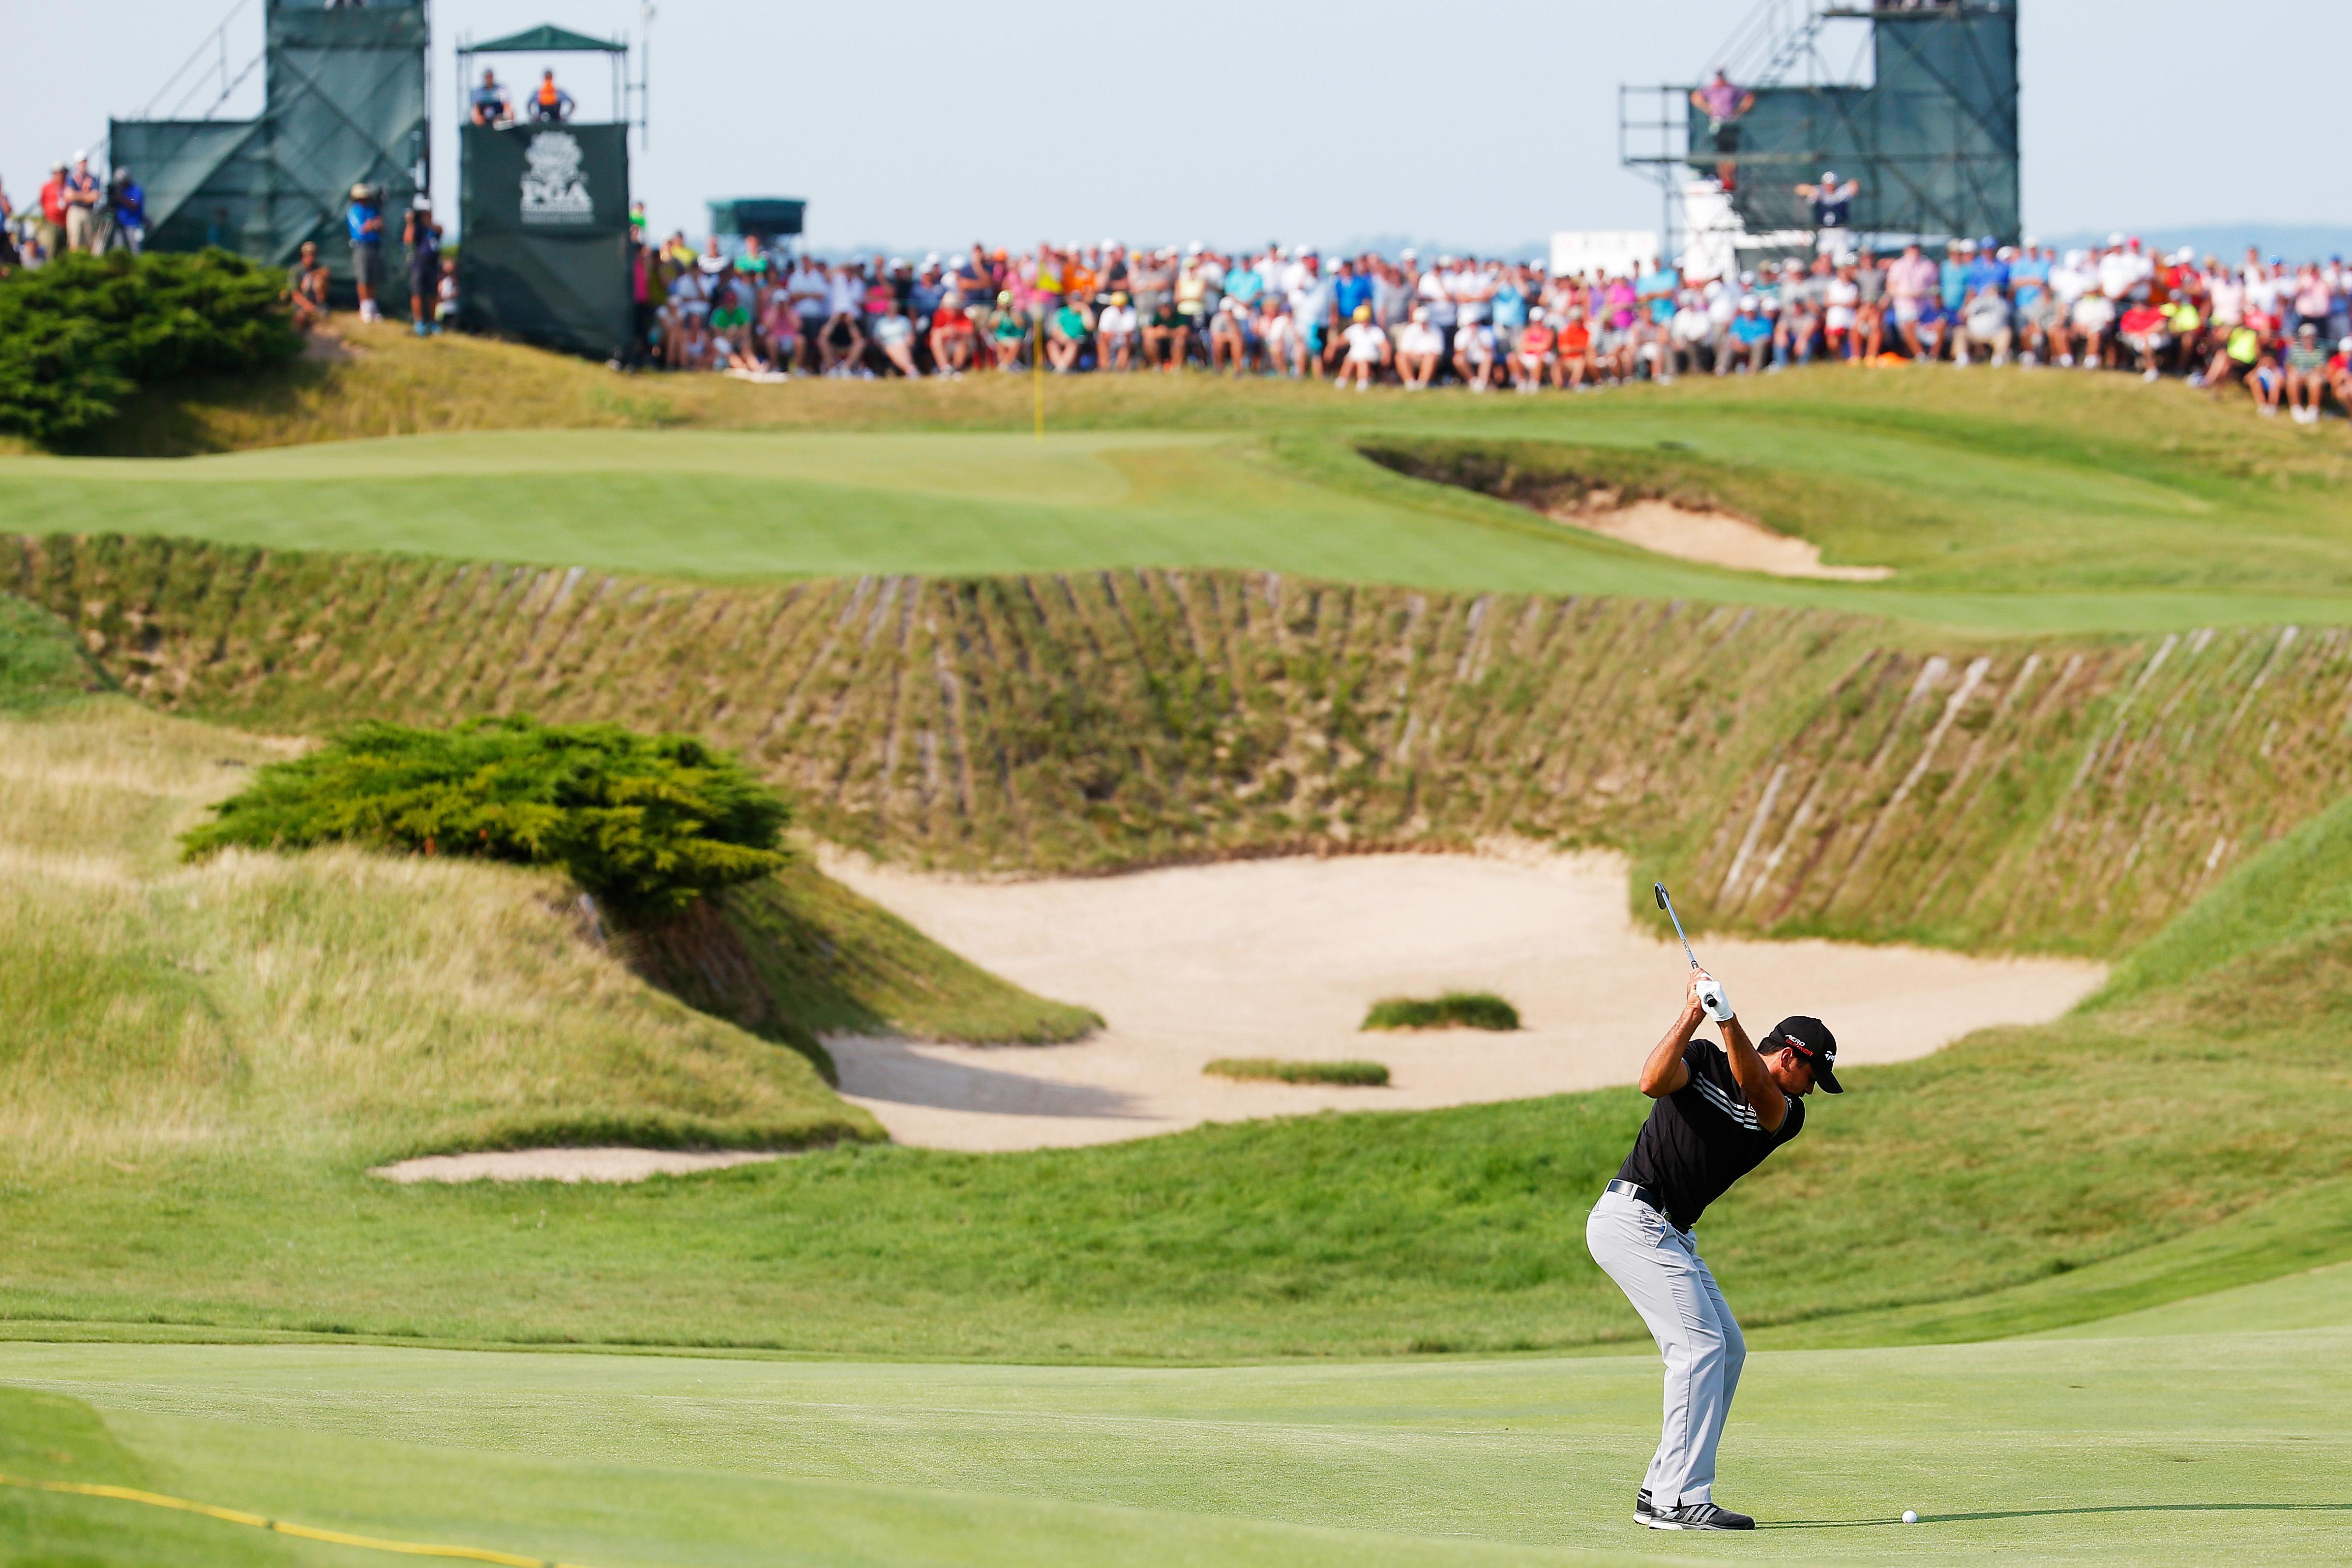 uspga golf